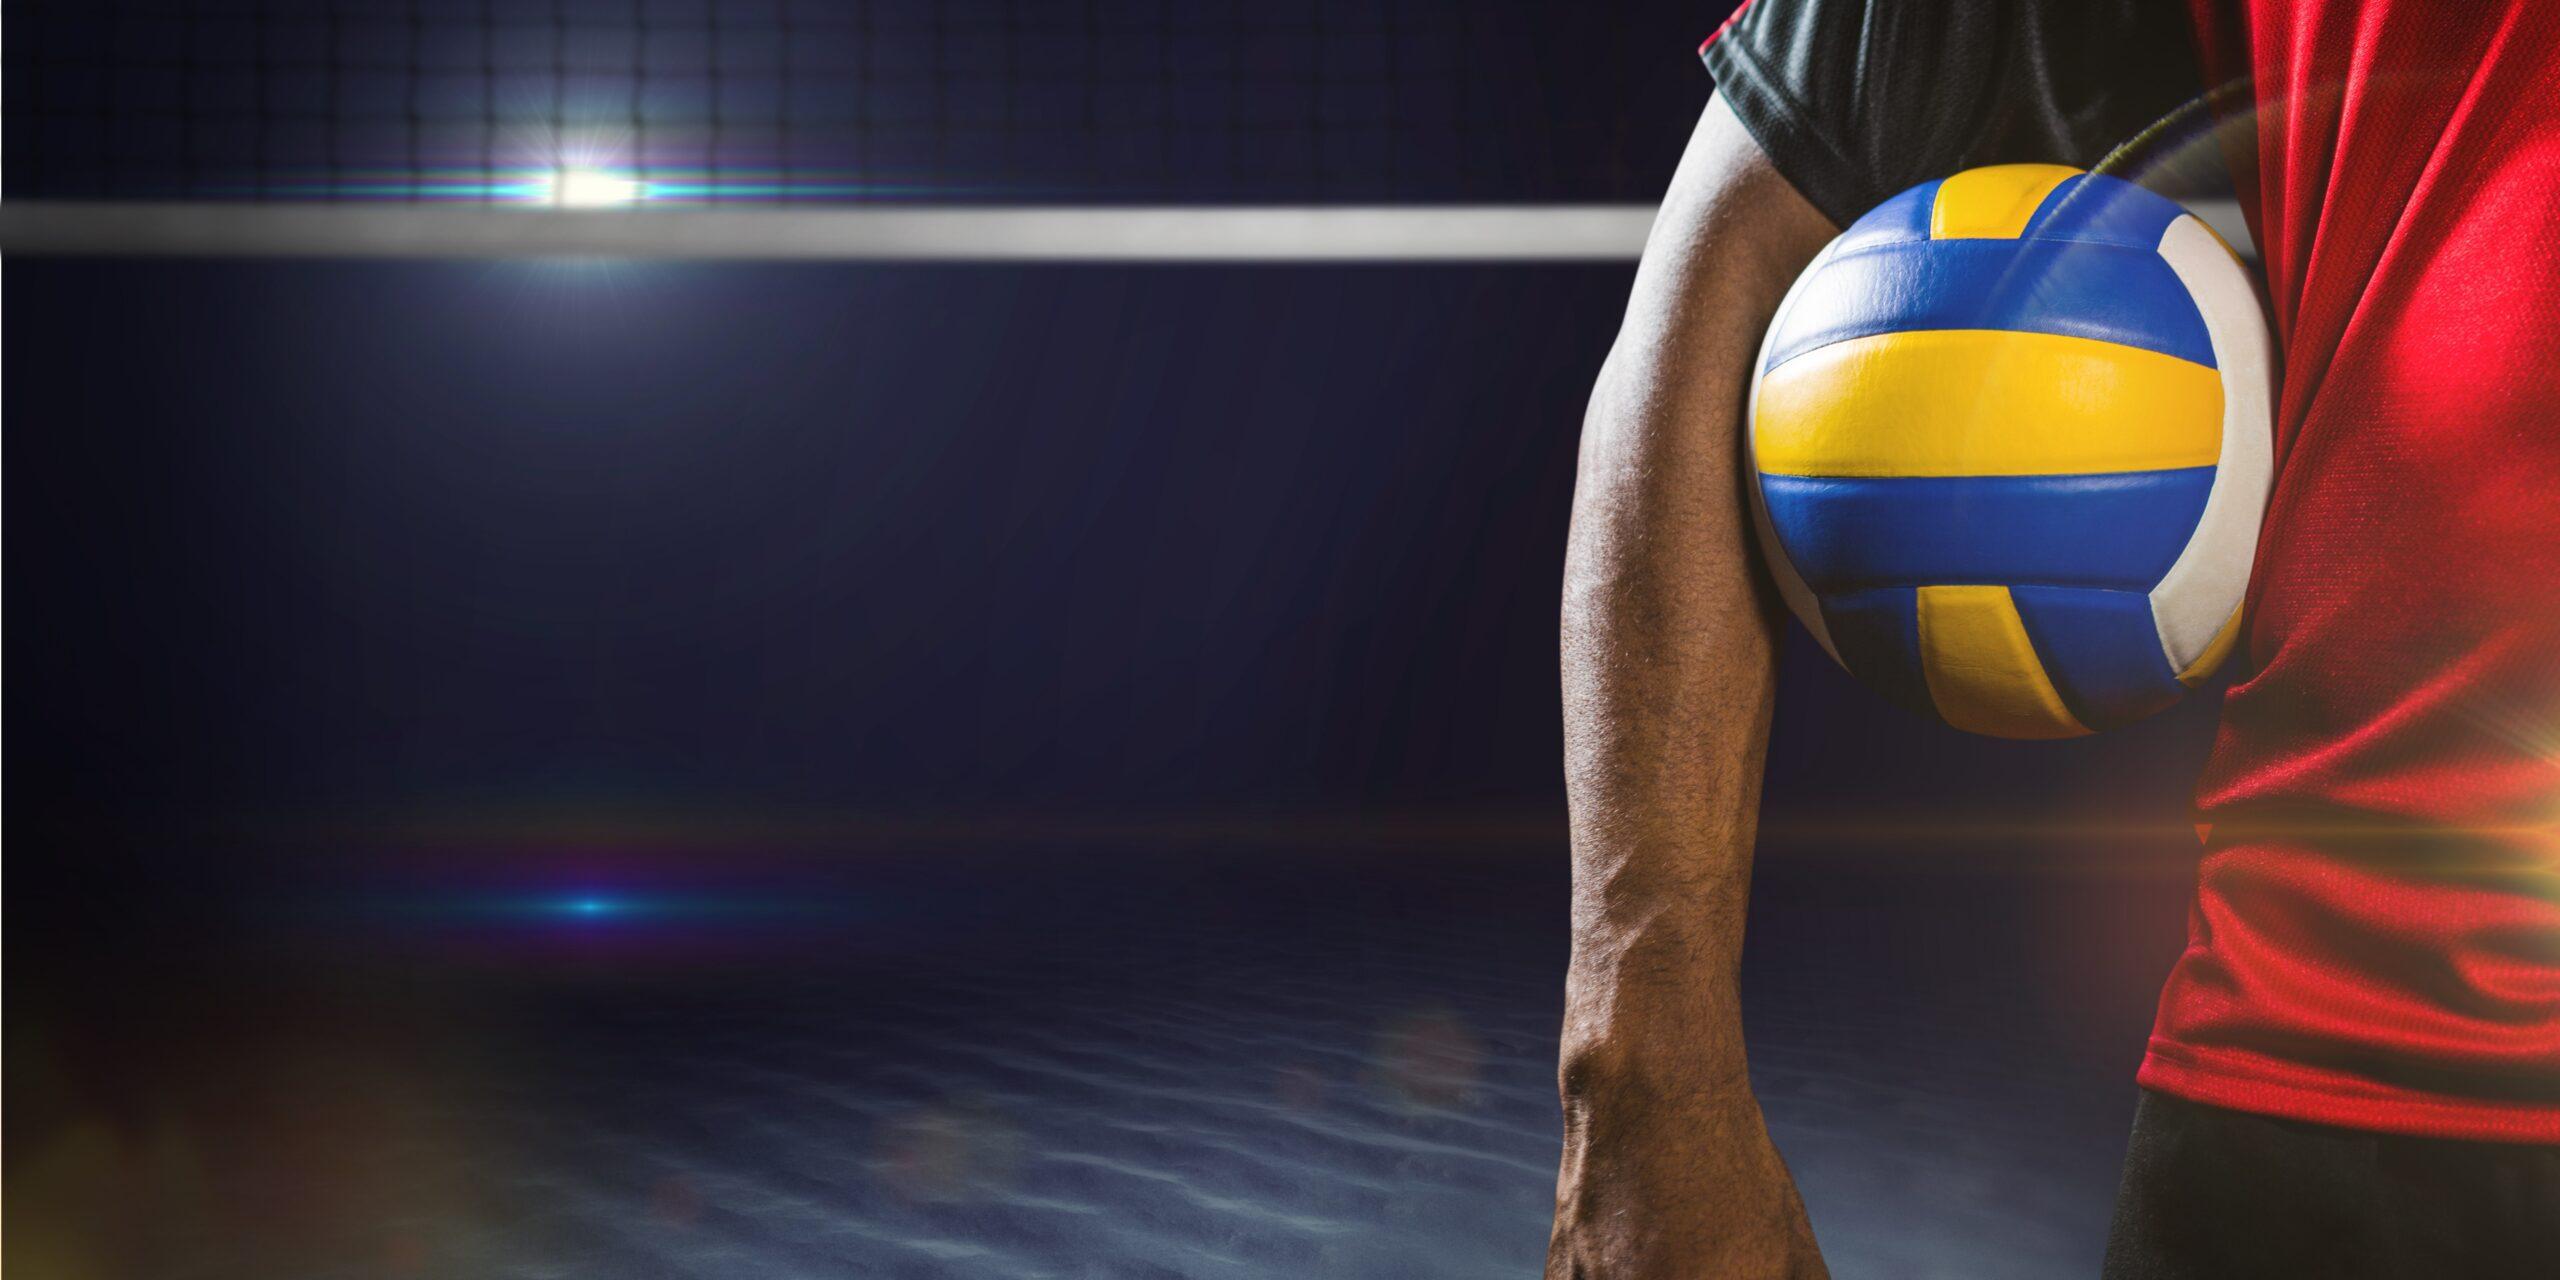 Volleybal gedragen